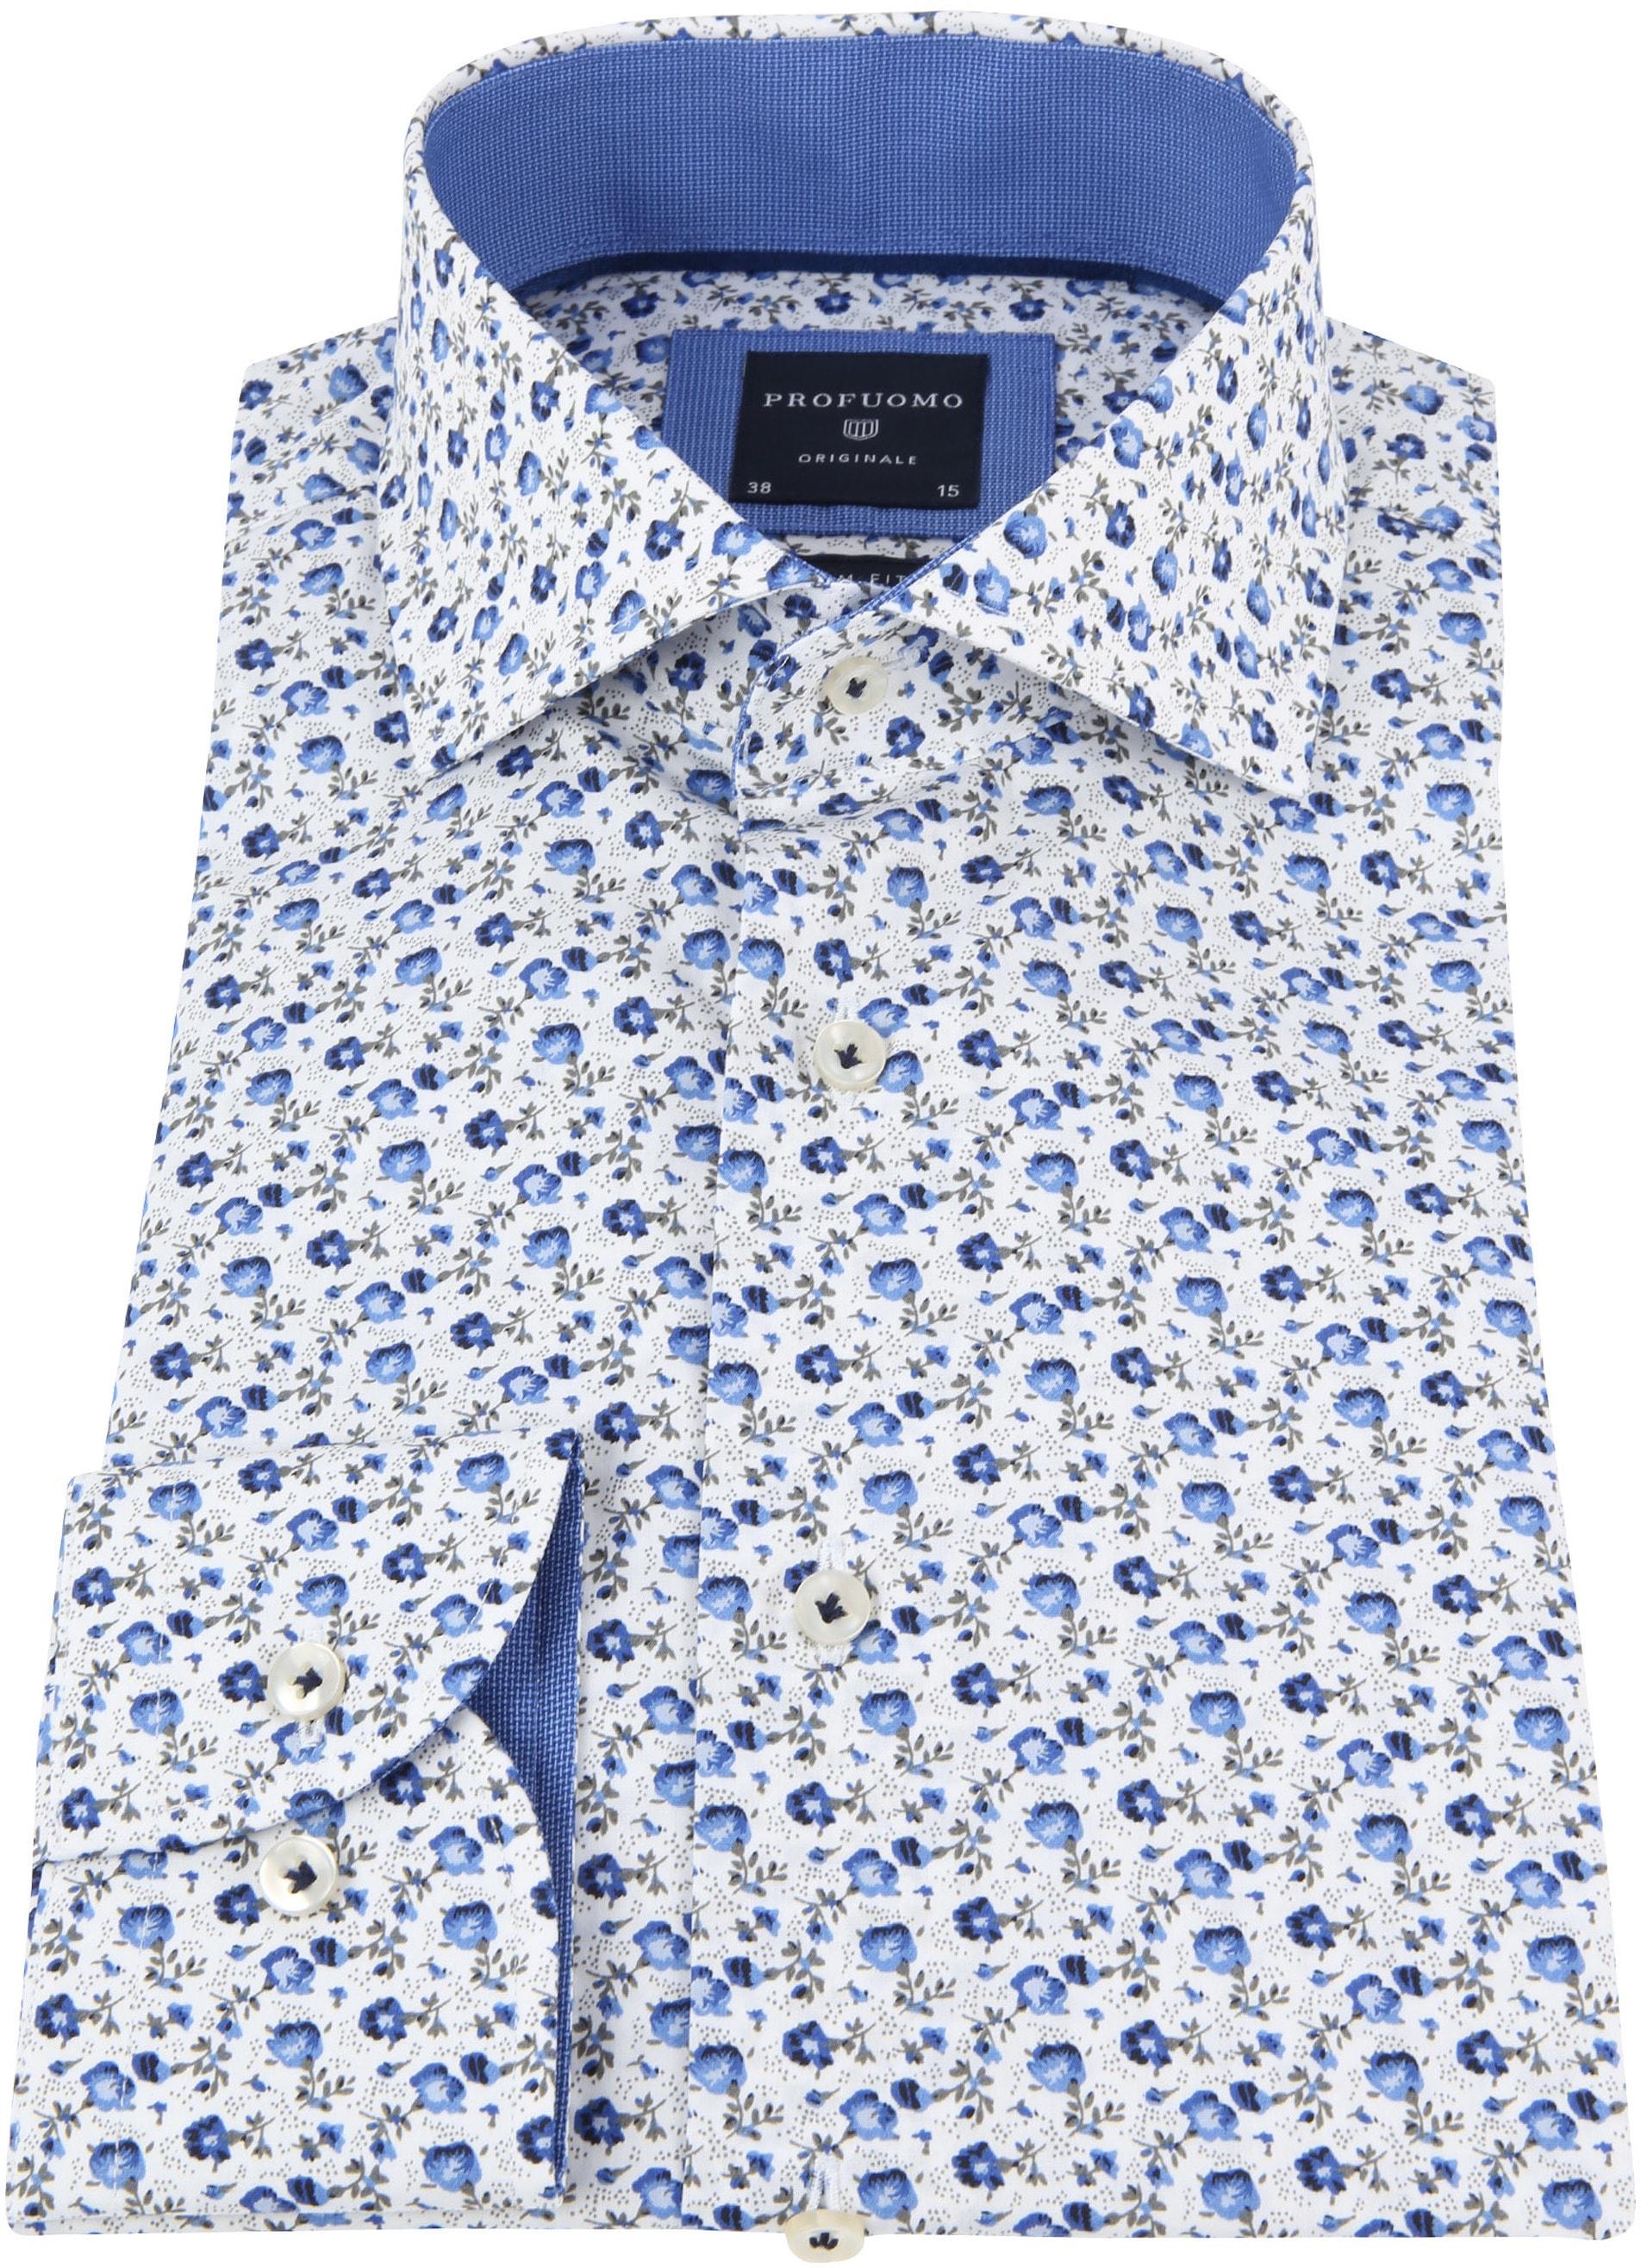 Profuomo Overhemd CAW Bloemen foto 2